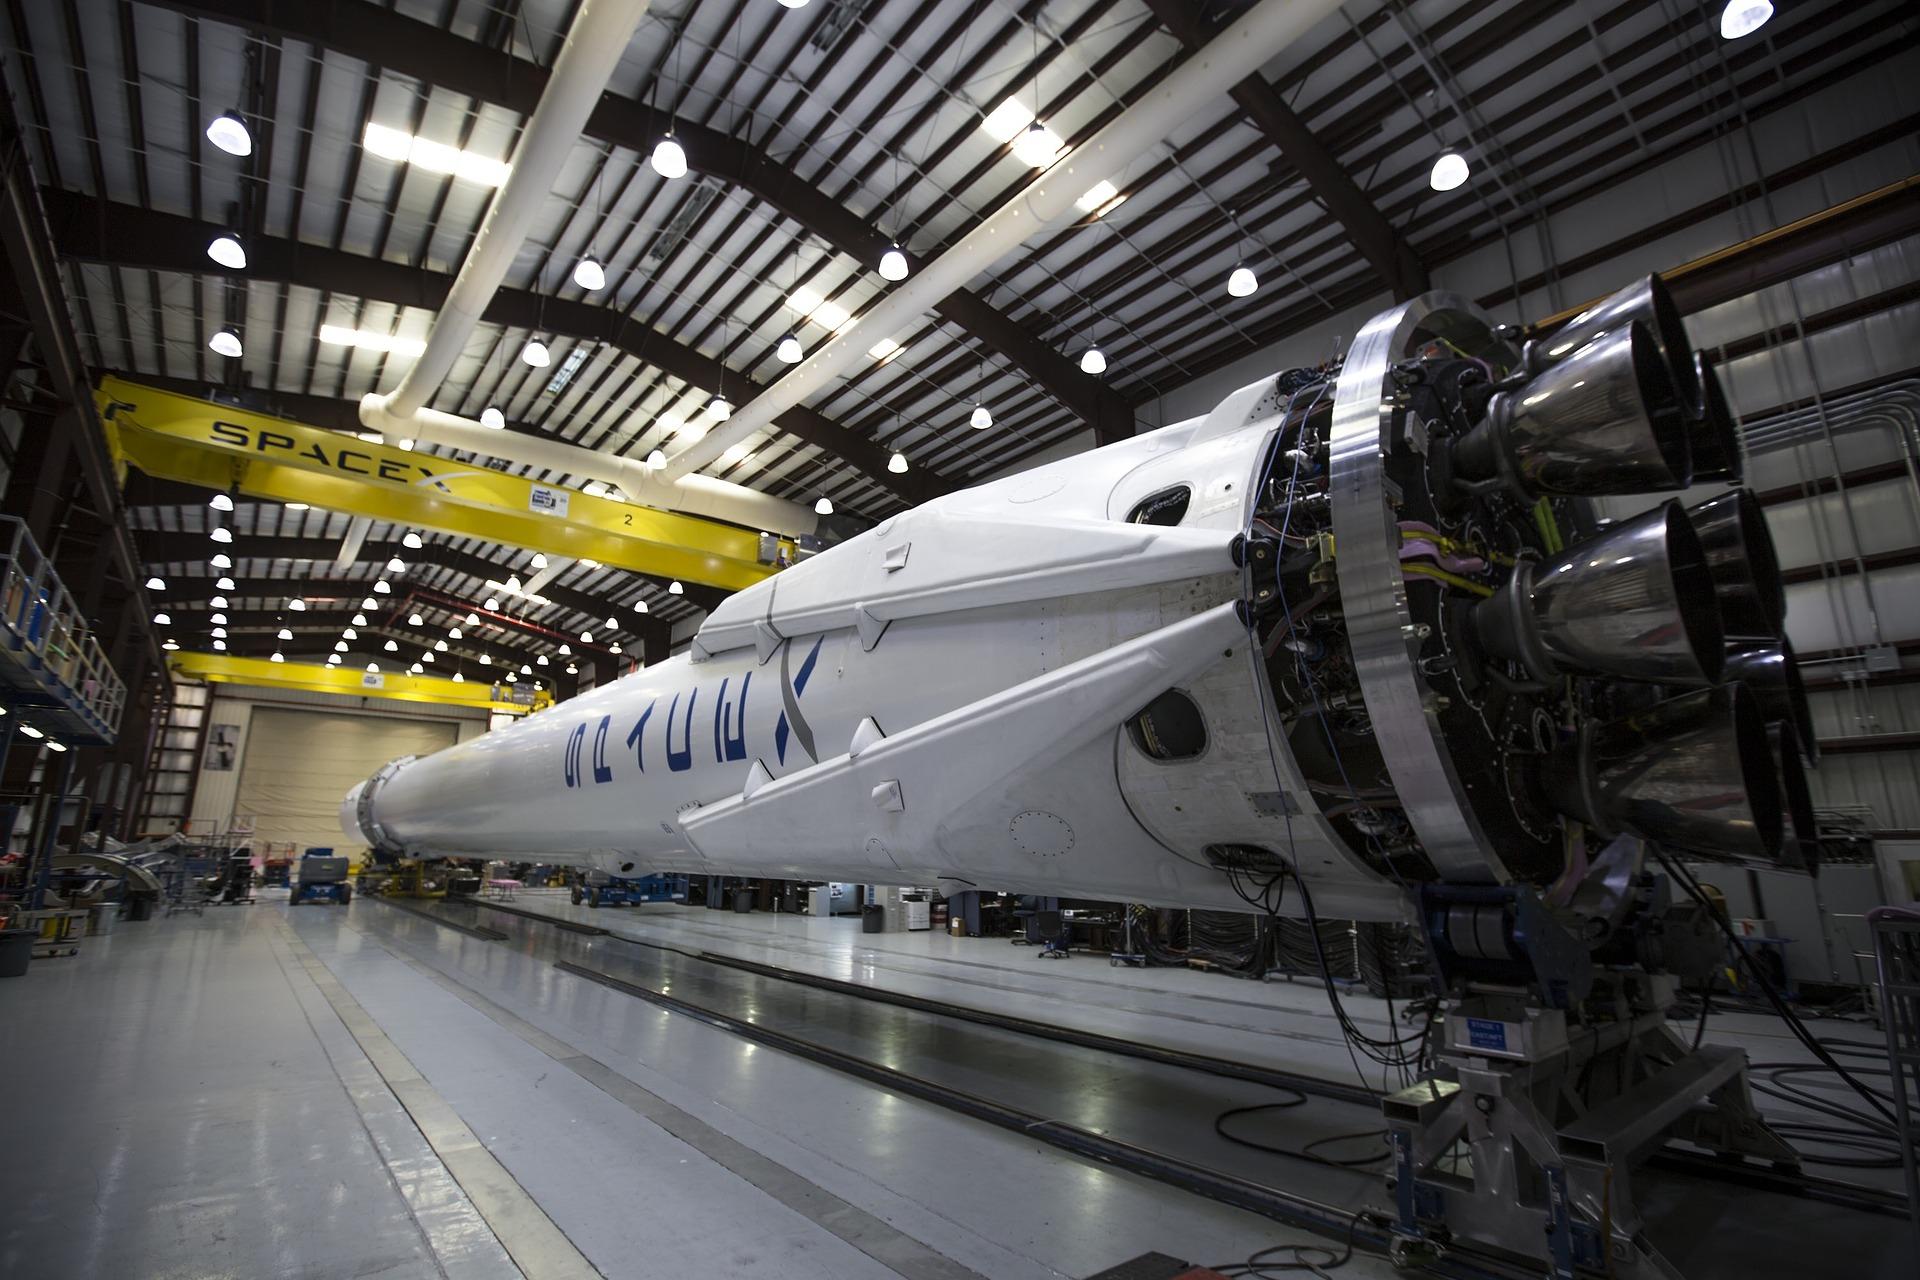 Rakete von SpaceX liegend im Hangar als Beispiel für eine Produkt-Innovation der Innovationsarten